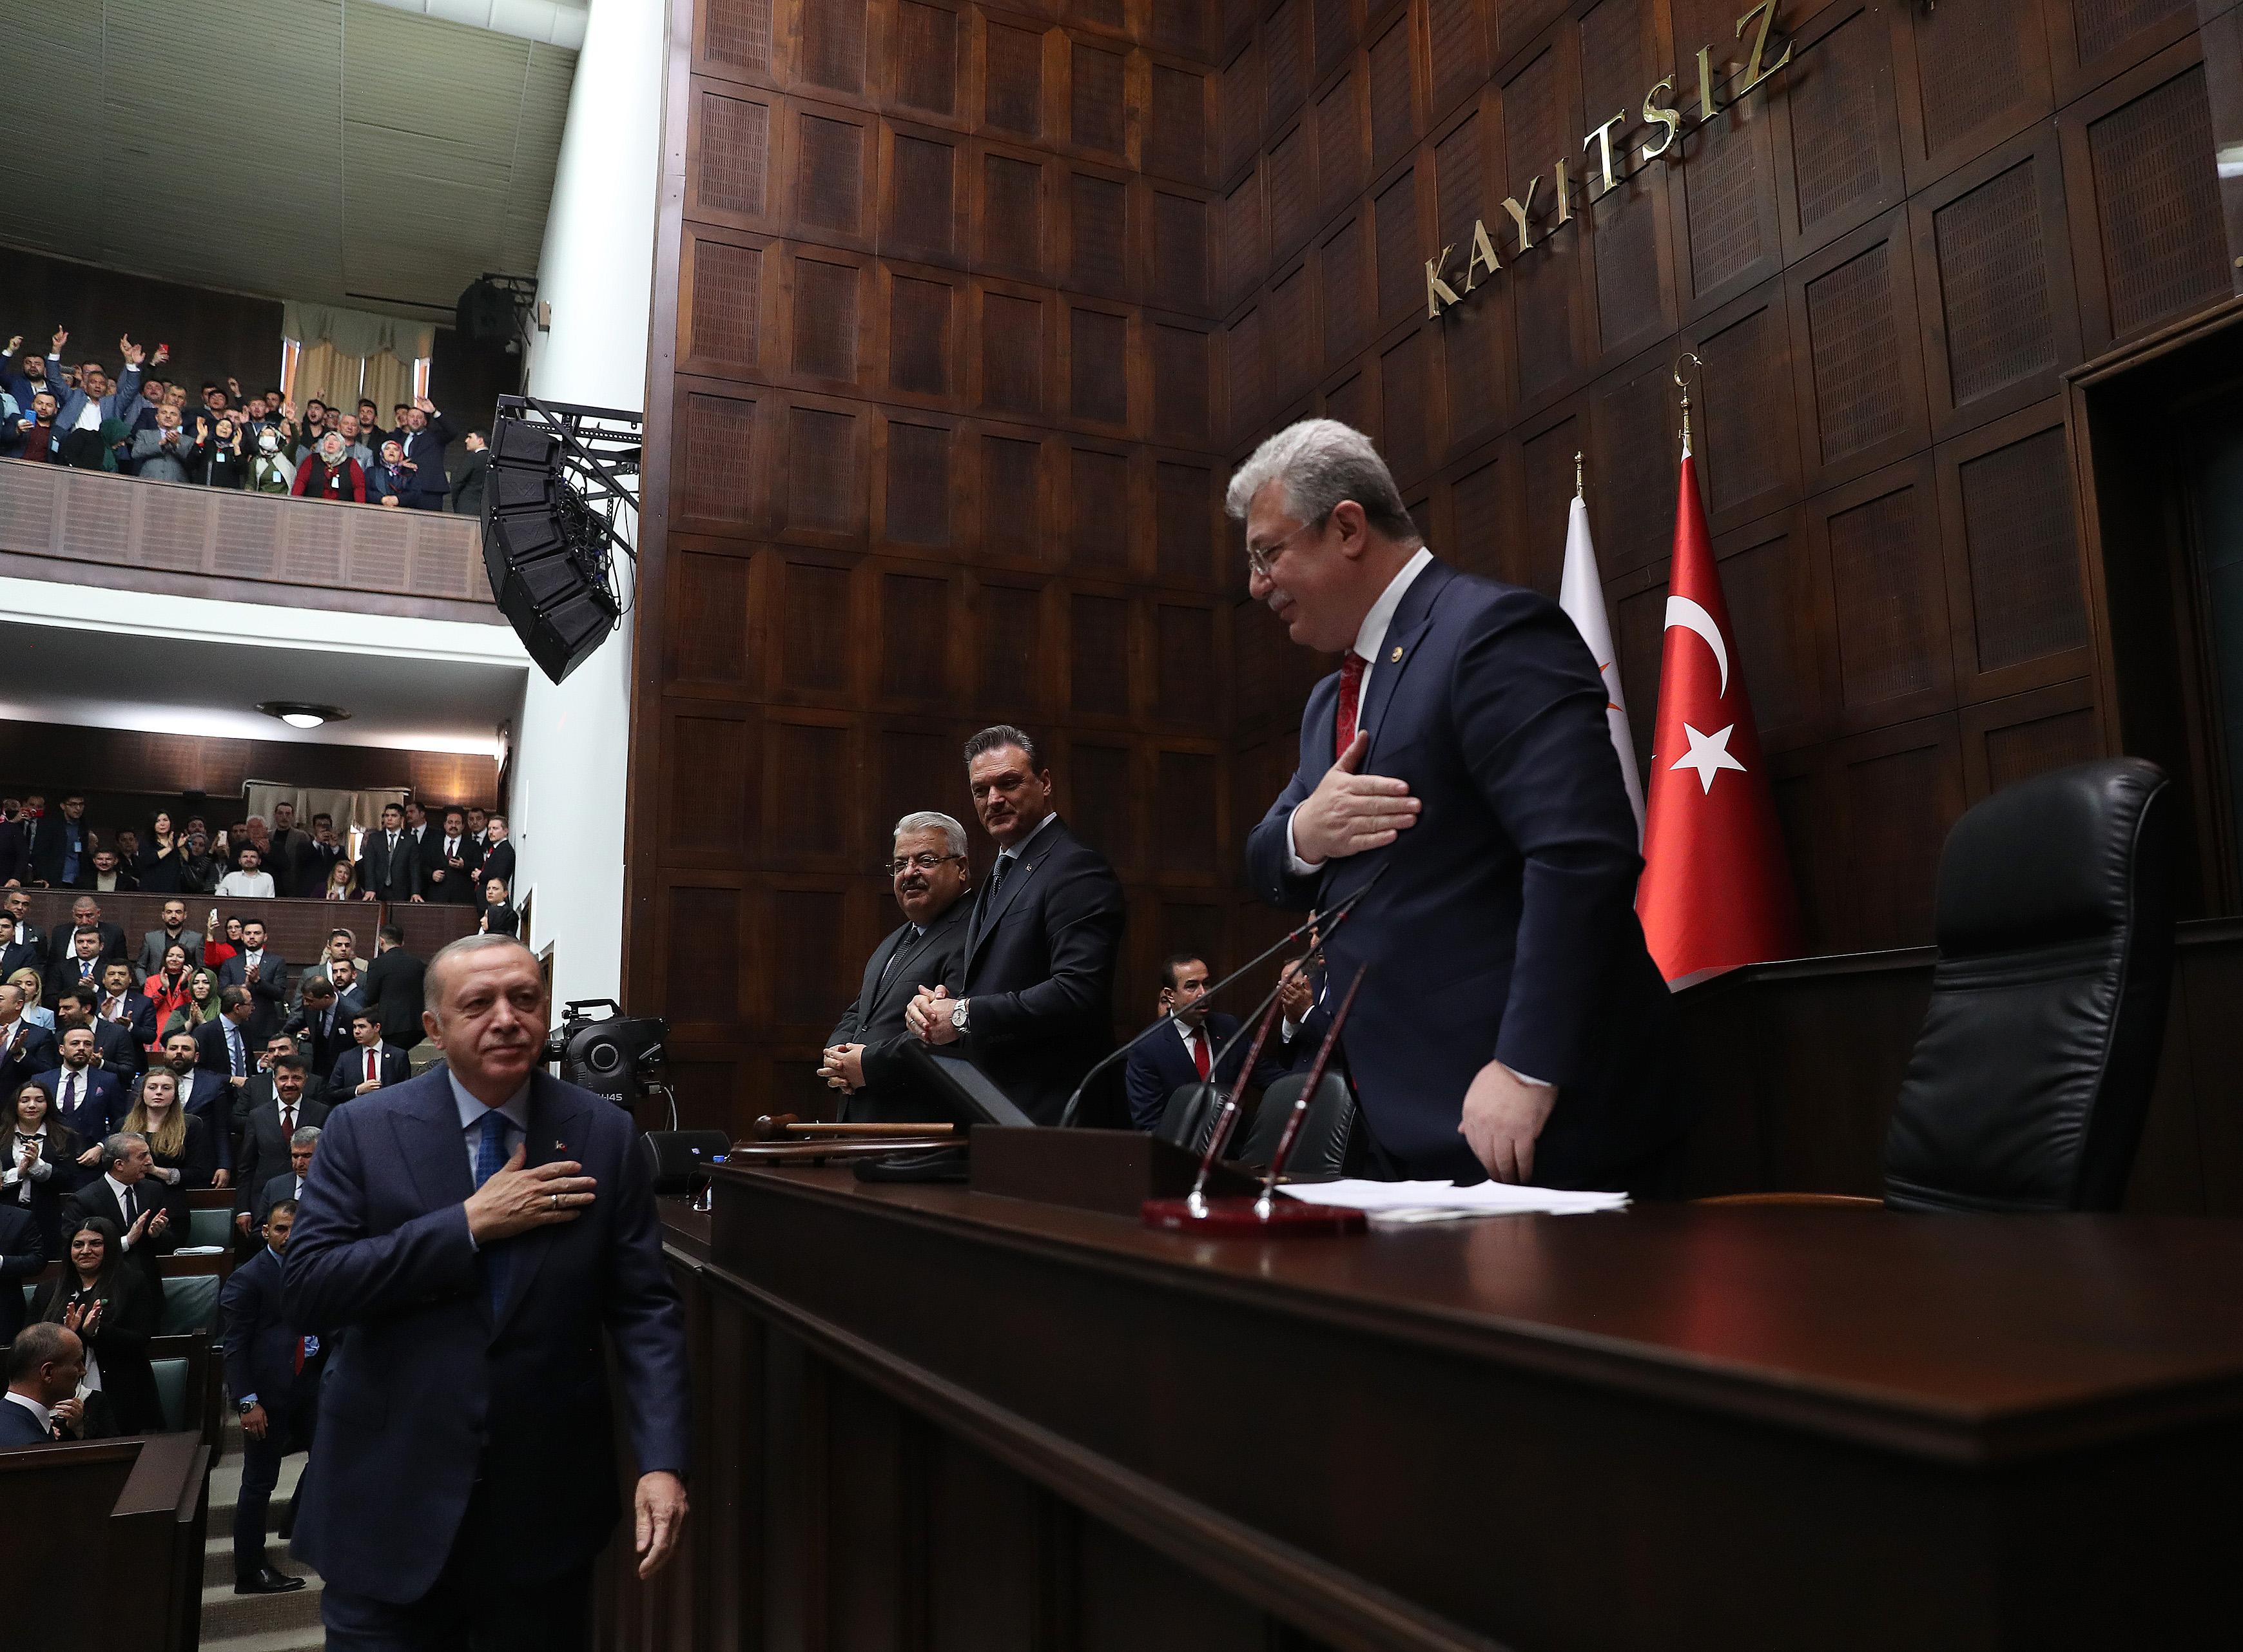 أردوغان في خطر..واجراءات احترازية لفحص من حوله